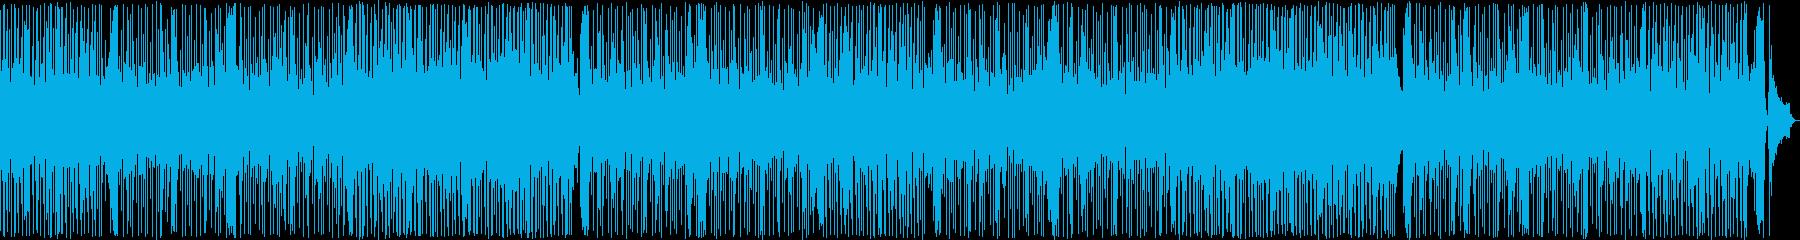 夏の終わりの涼しい風をイメージした曲の再生済みの波形